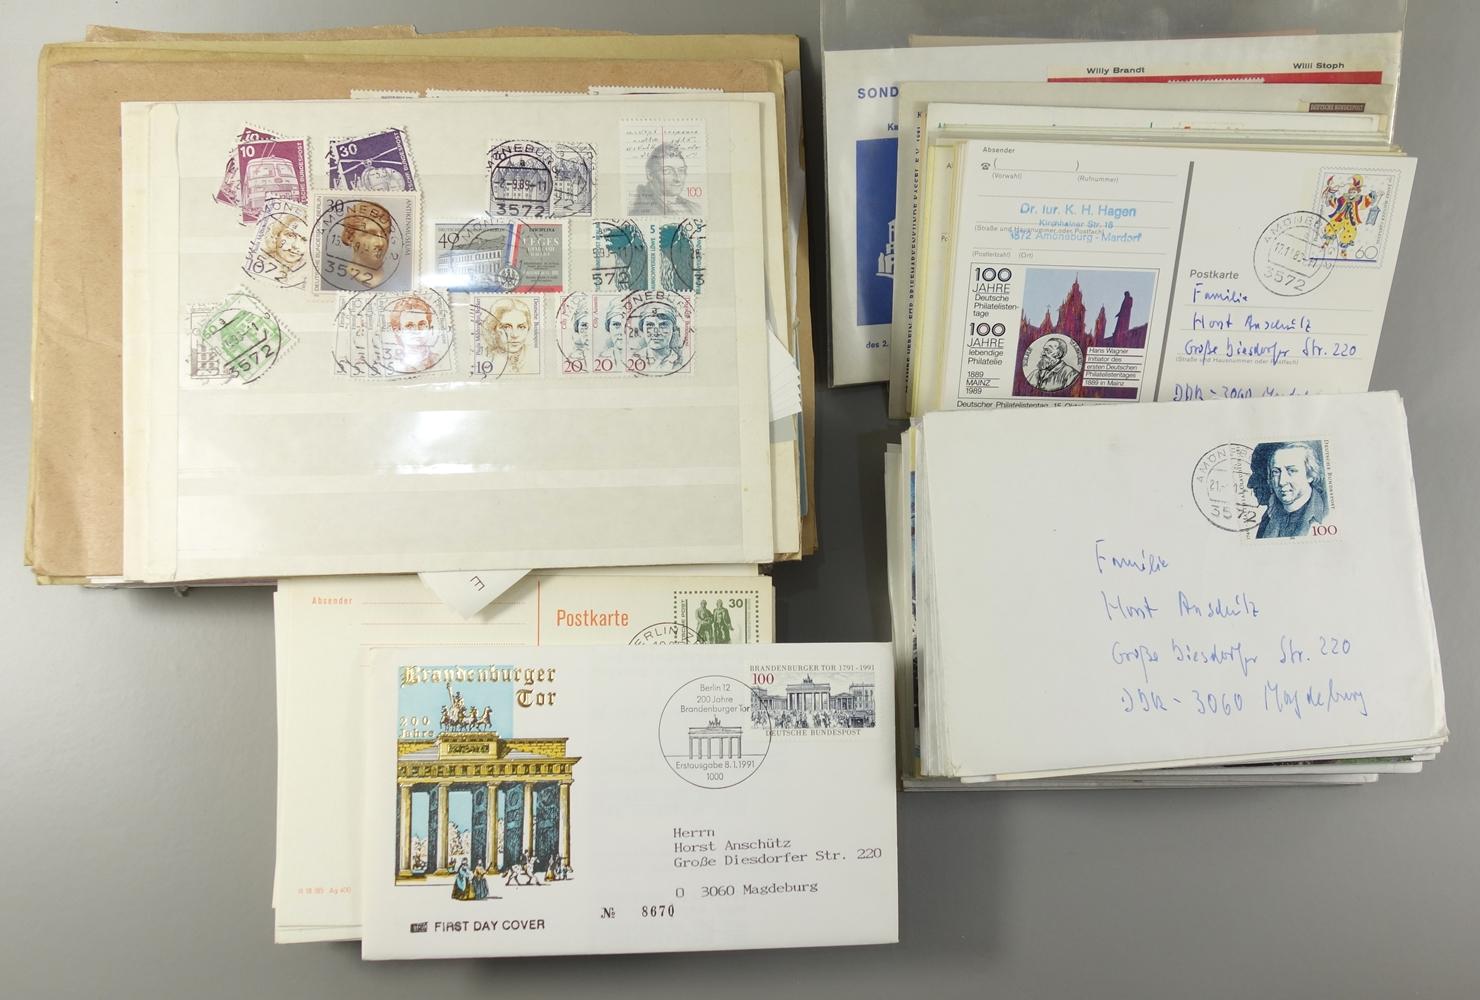 Konvolut frankierte Briefe, BRD, komplette Sätze, Postkarten mit Ganzsachen, A5 Briefkuvert mit